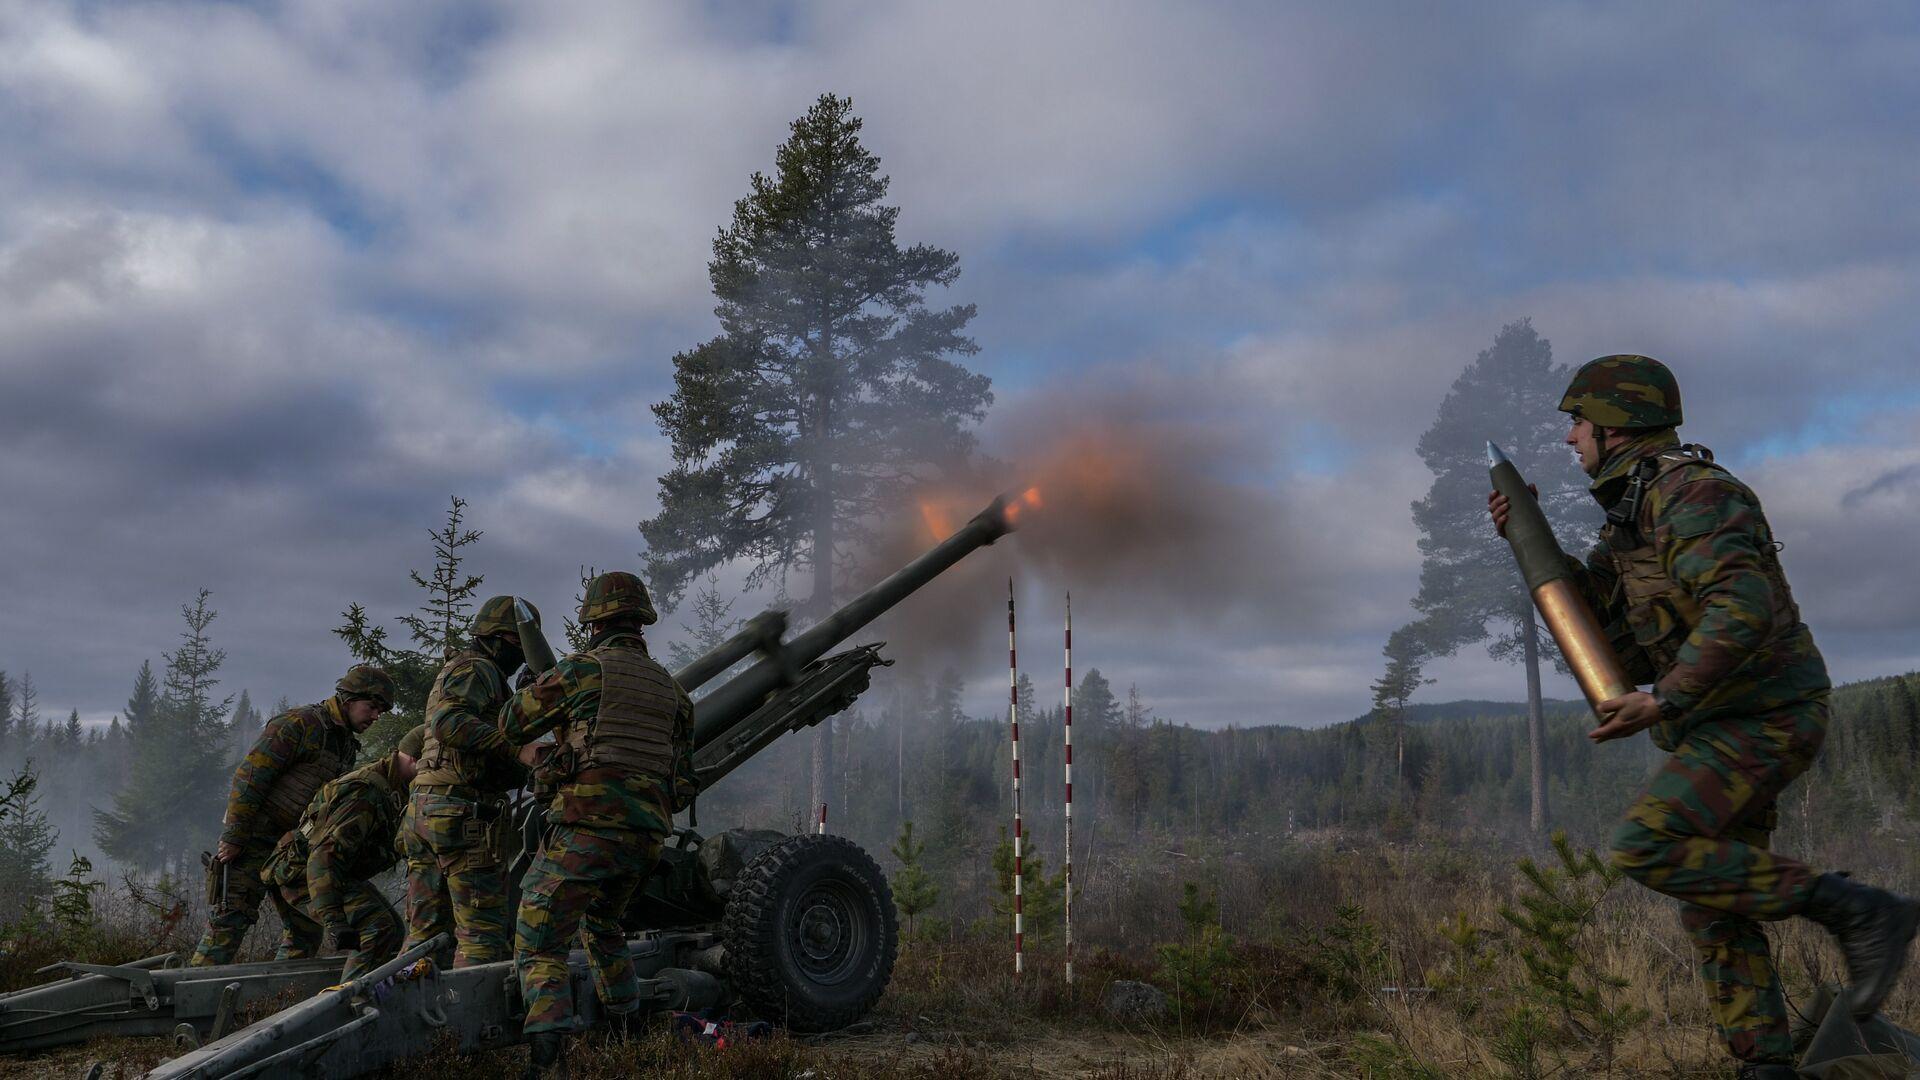 Военнослужащие Вооруженных сил Бельгии во время совместных учений войск НАТО Trident Juncture 2018 (Единый трезубец) в Норвегии - РИА Новости, 1920, 24.02.2021